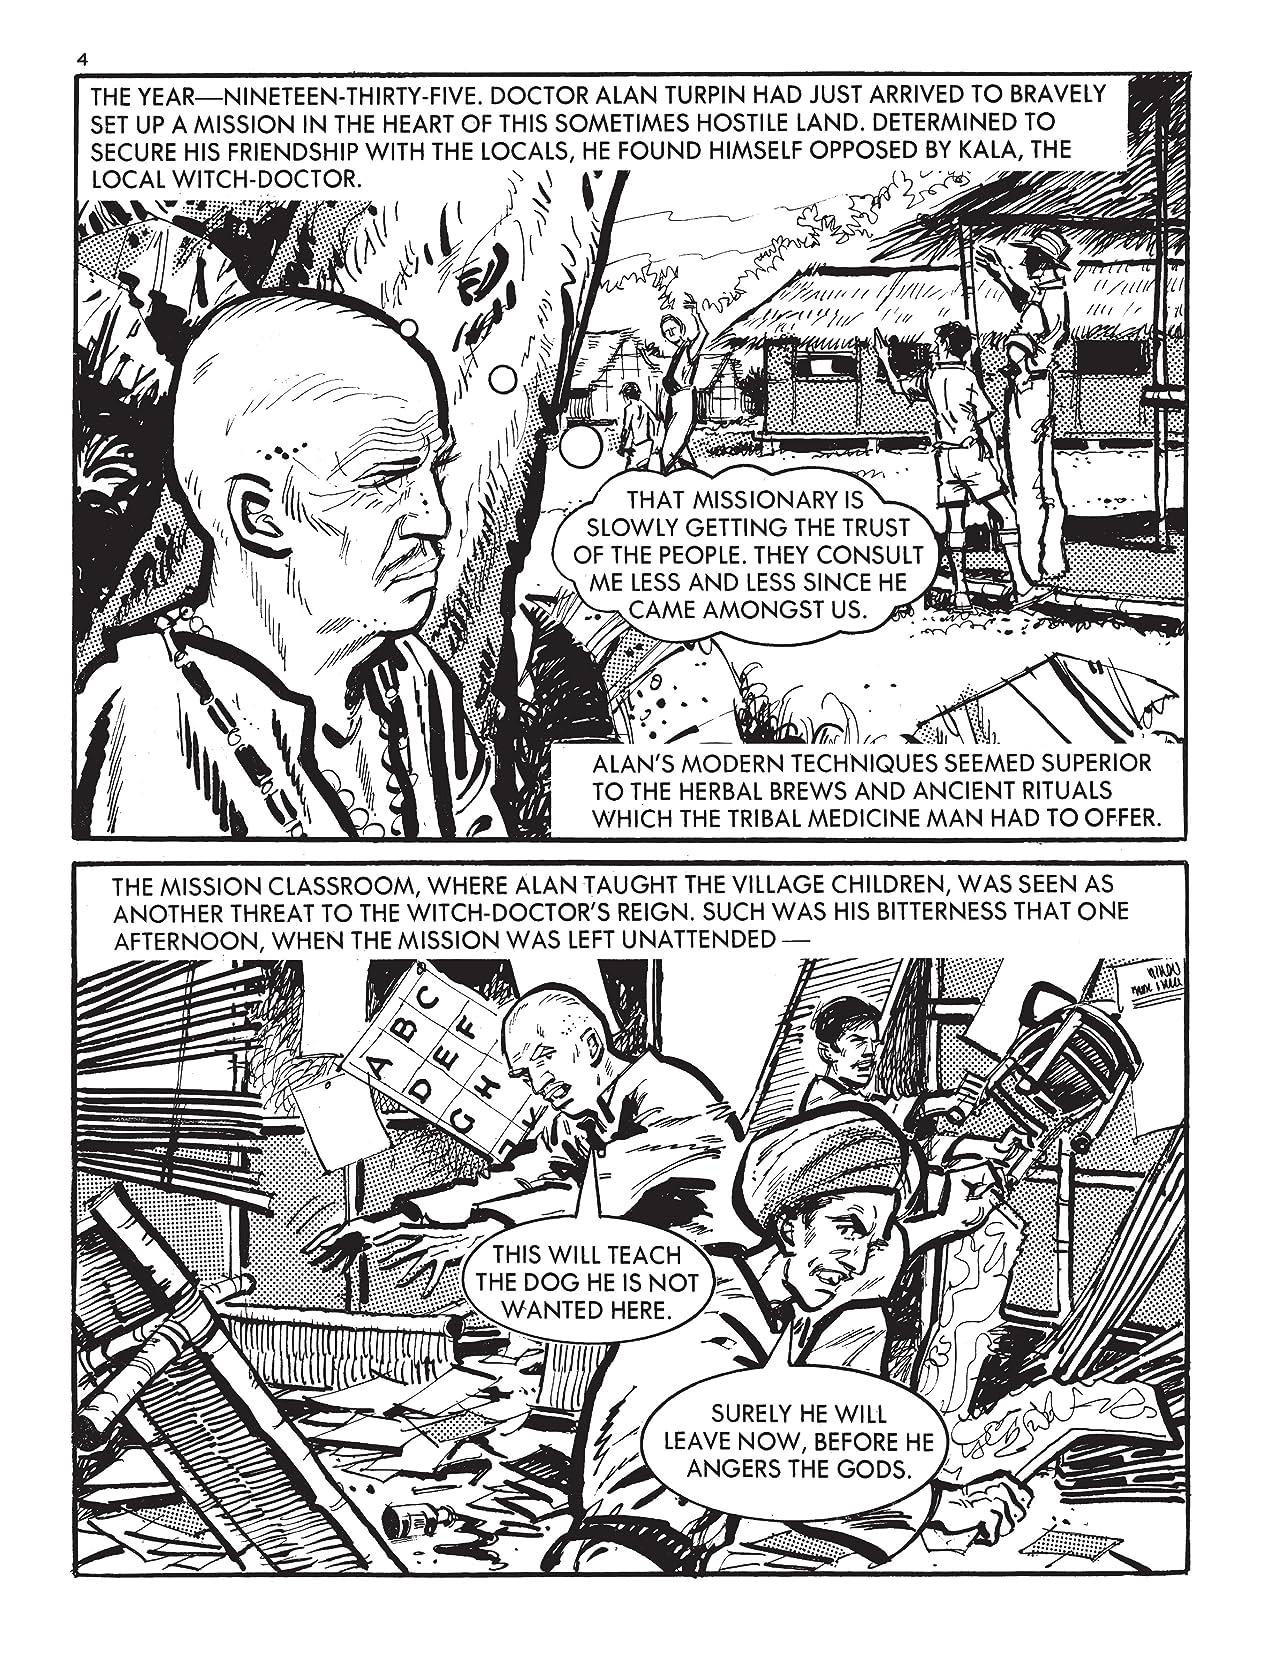 Commando #5474: The Warbirds